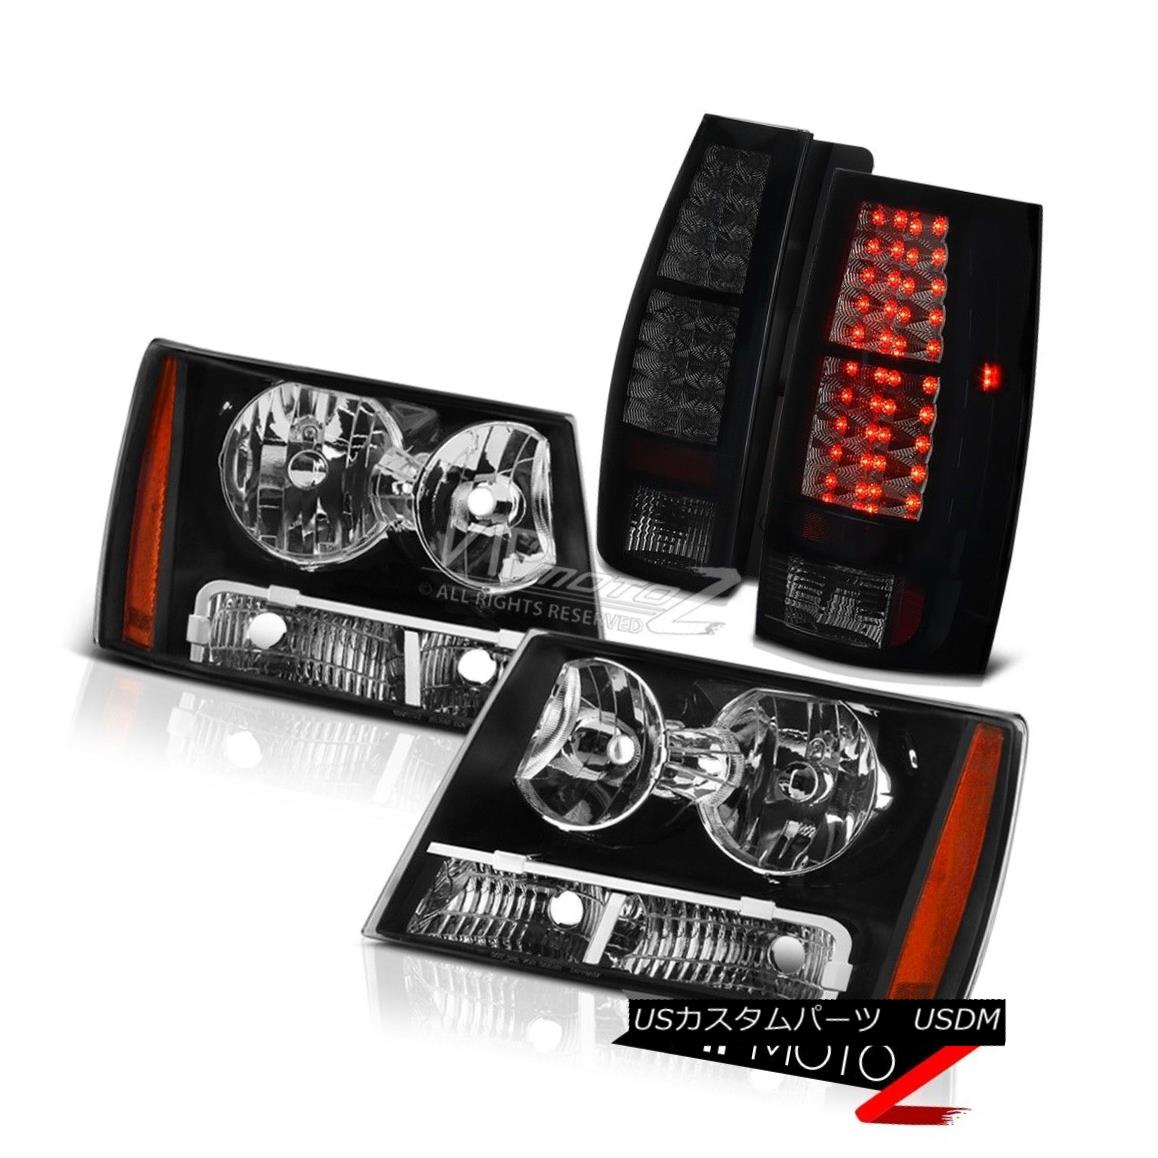 テールライト 2007-2014 Chevy Tahoe Suburban Black Smoke LED Rear Tail Lights Headlights LH+RH 2007-2014シボレータホー郊外の黒い煙LED後部テールライトヘッドライトLH + RH